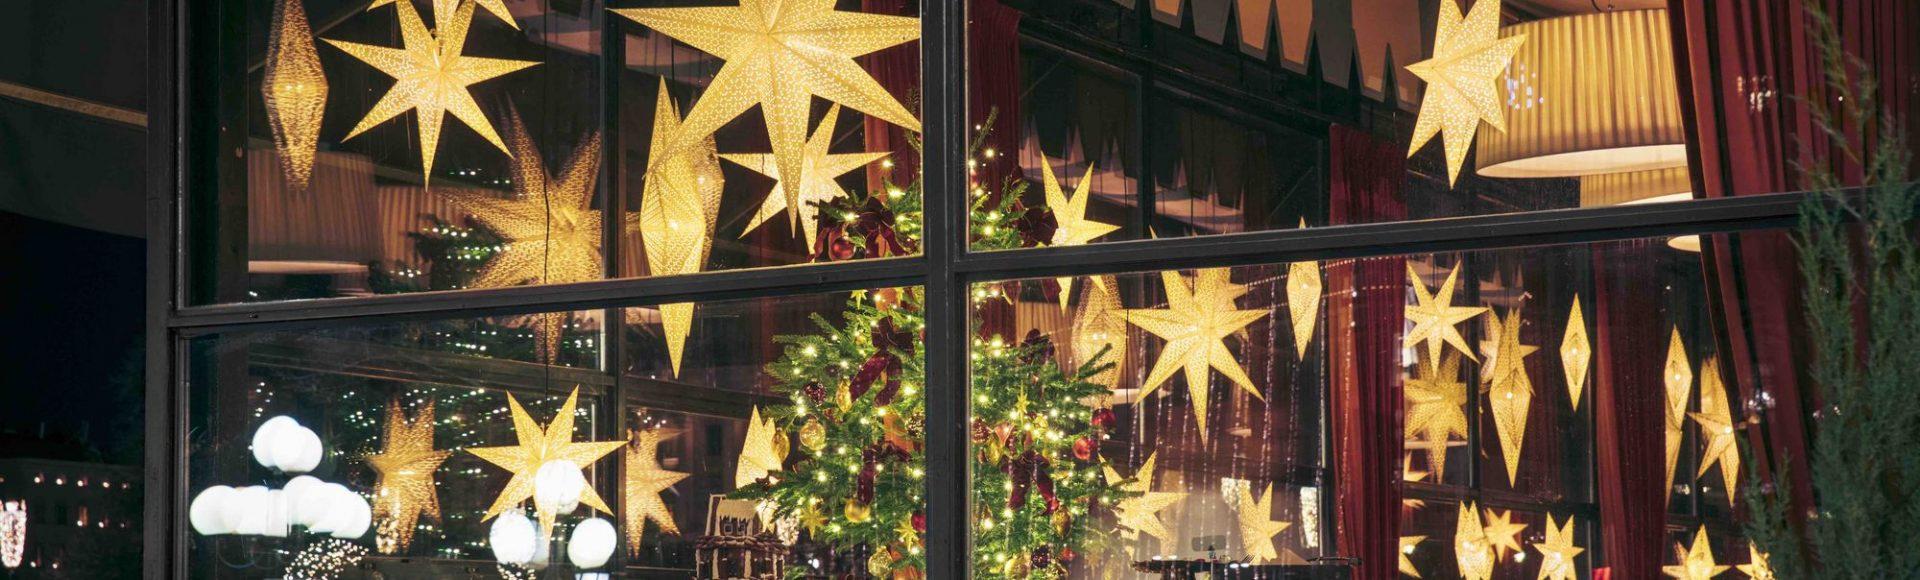 El mercadillo de Navidad de Operakällaren en Estocolmo